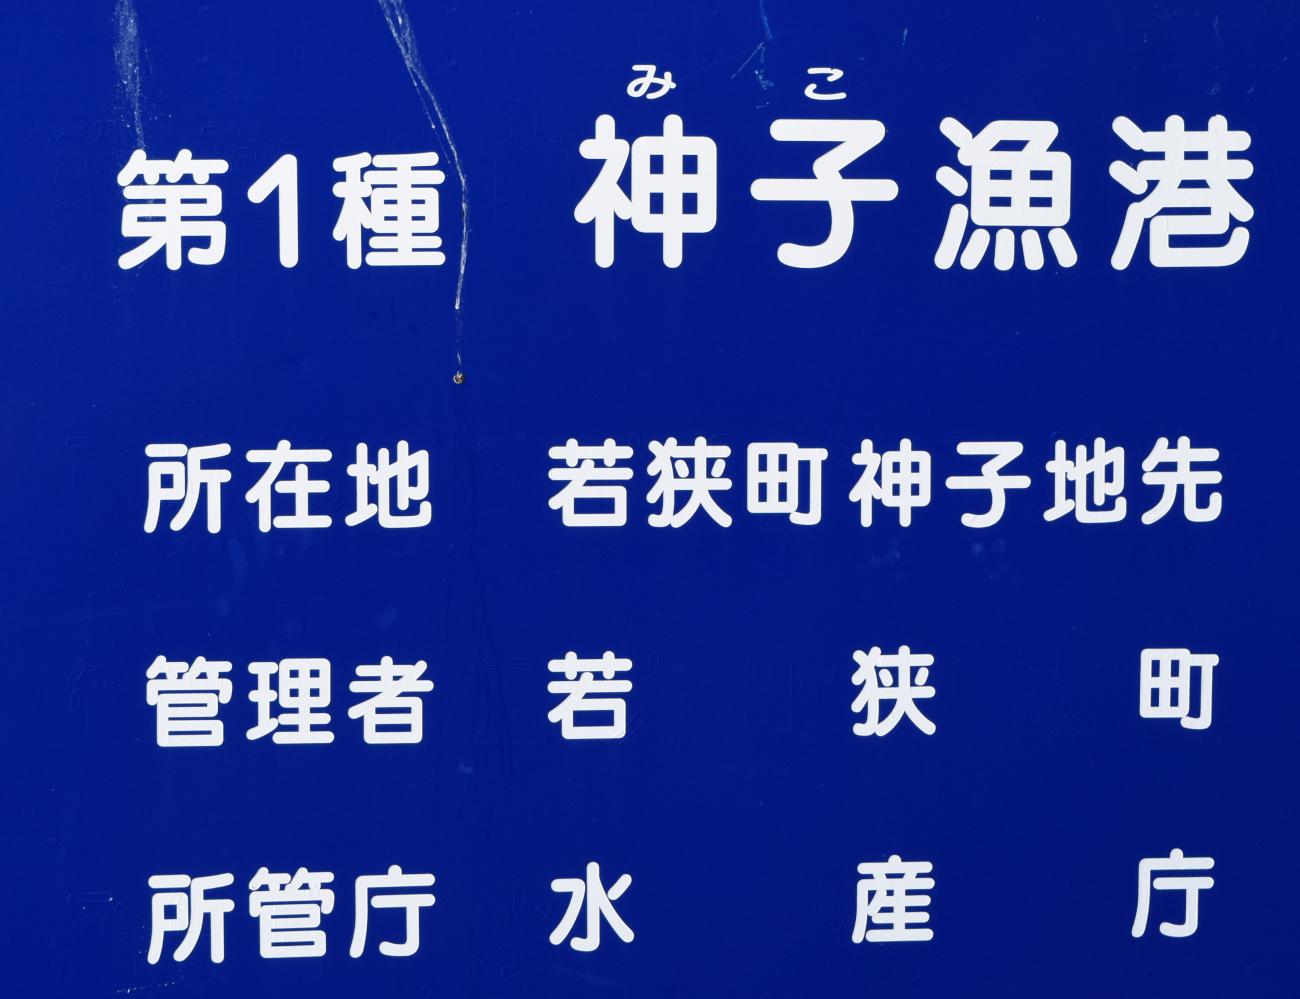 神子漁港アイキャッチ画像